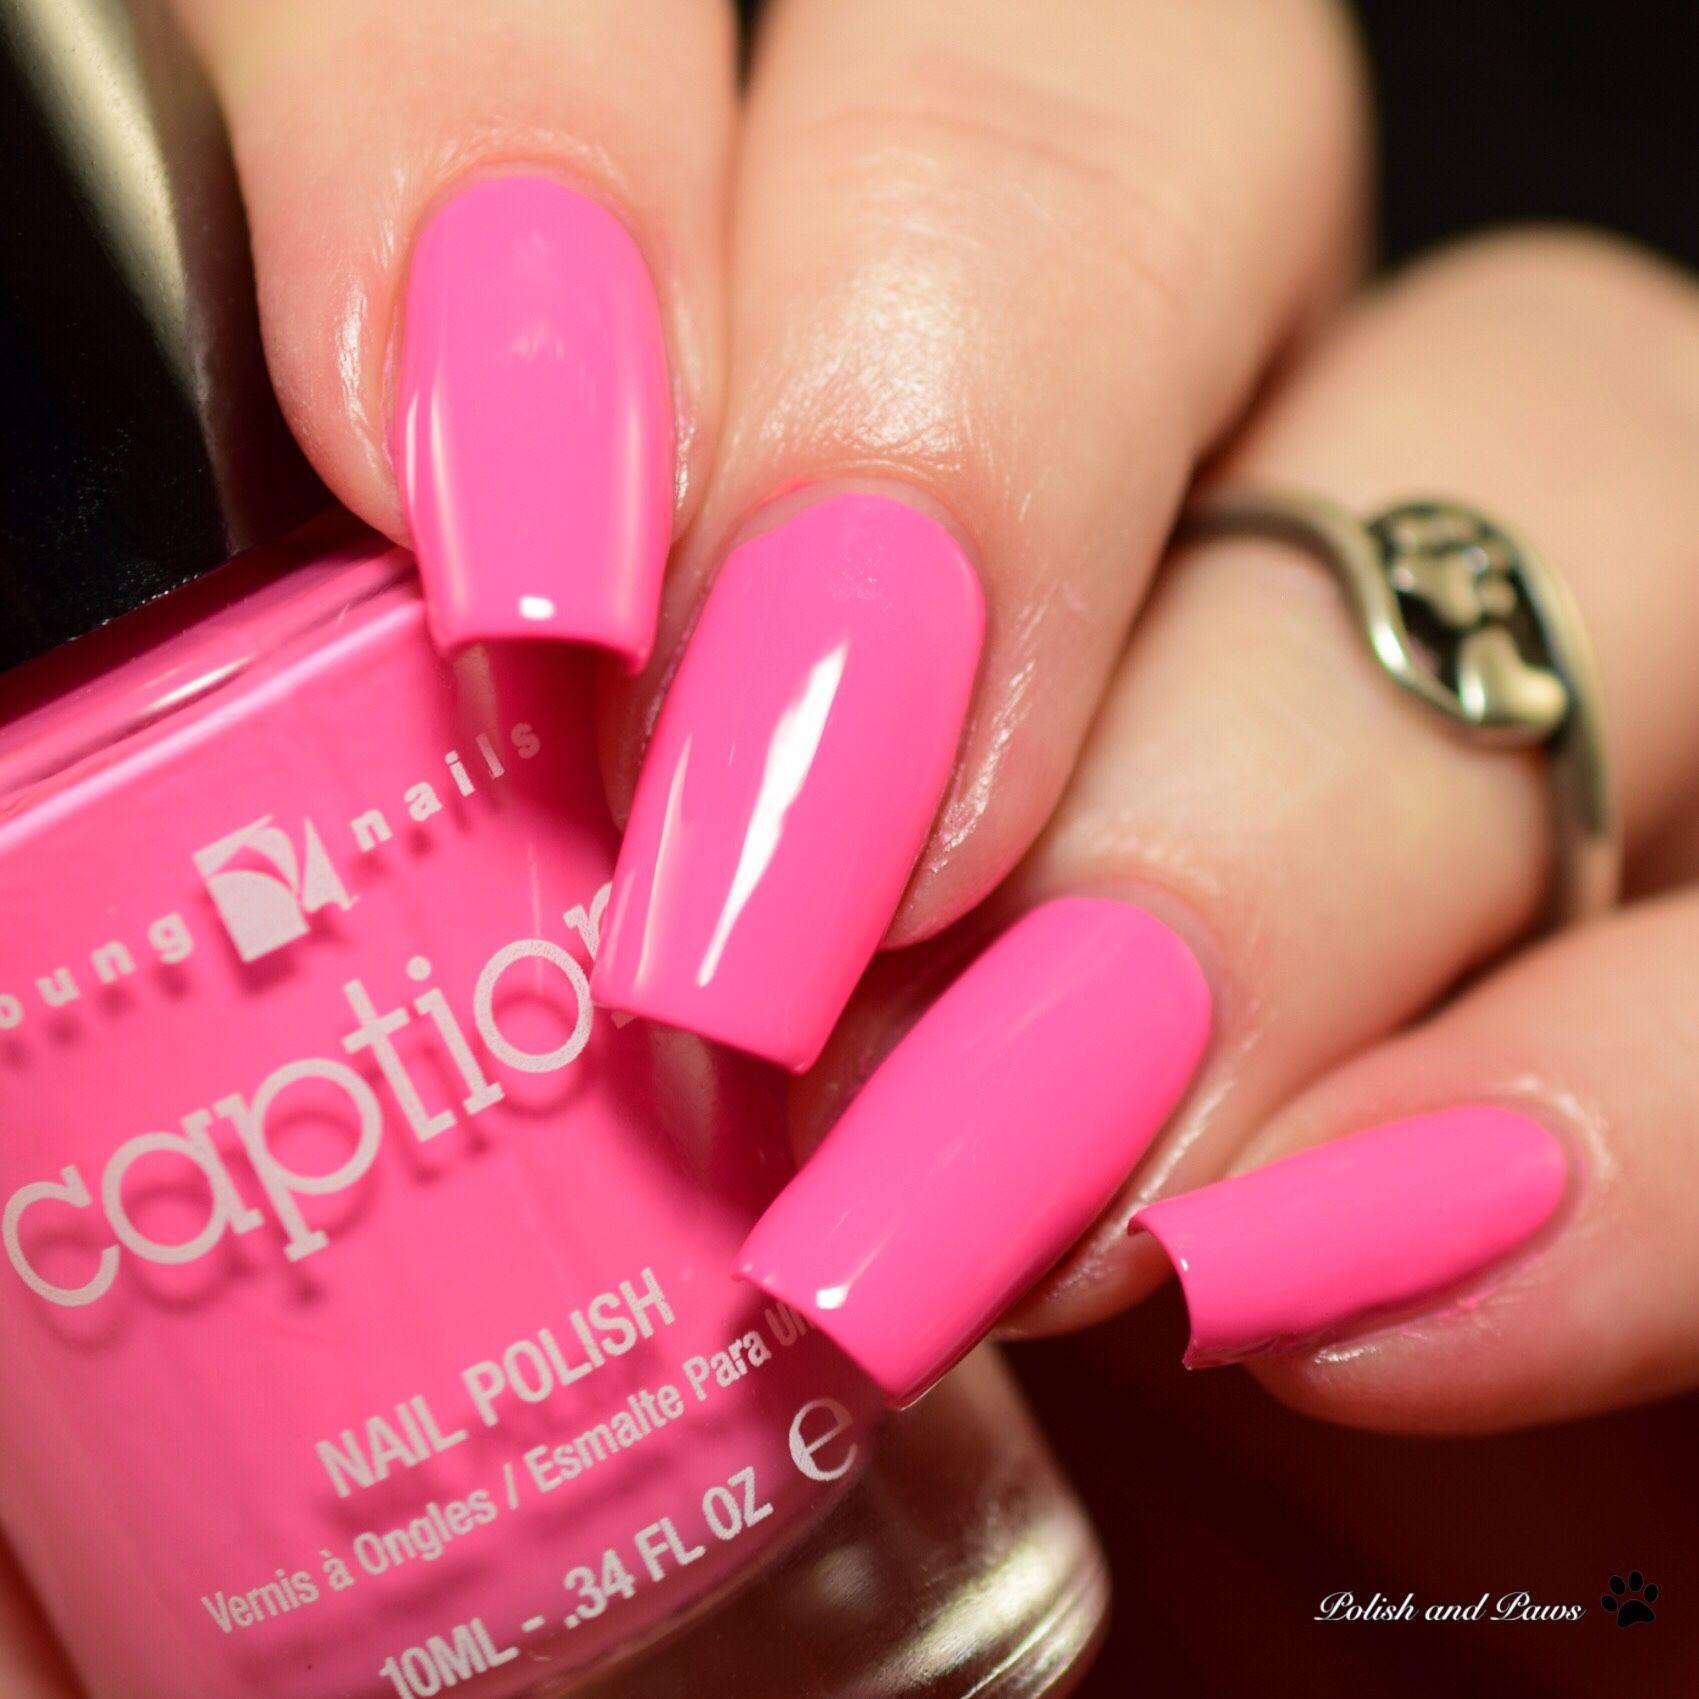 Caption Polish Nom Nom Caption Nail Polish, Young Nails, Nail Art Kit, Nail